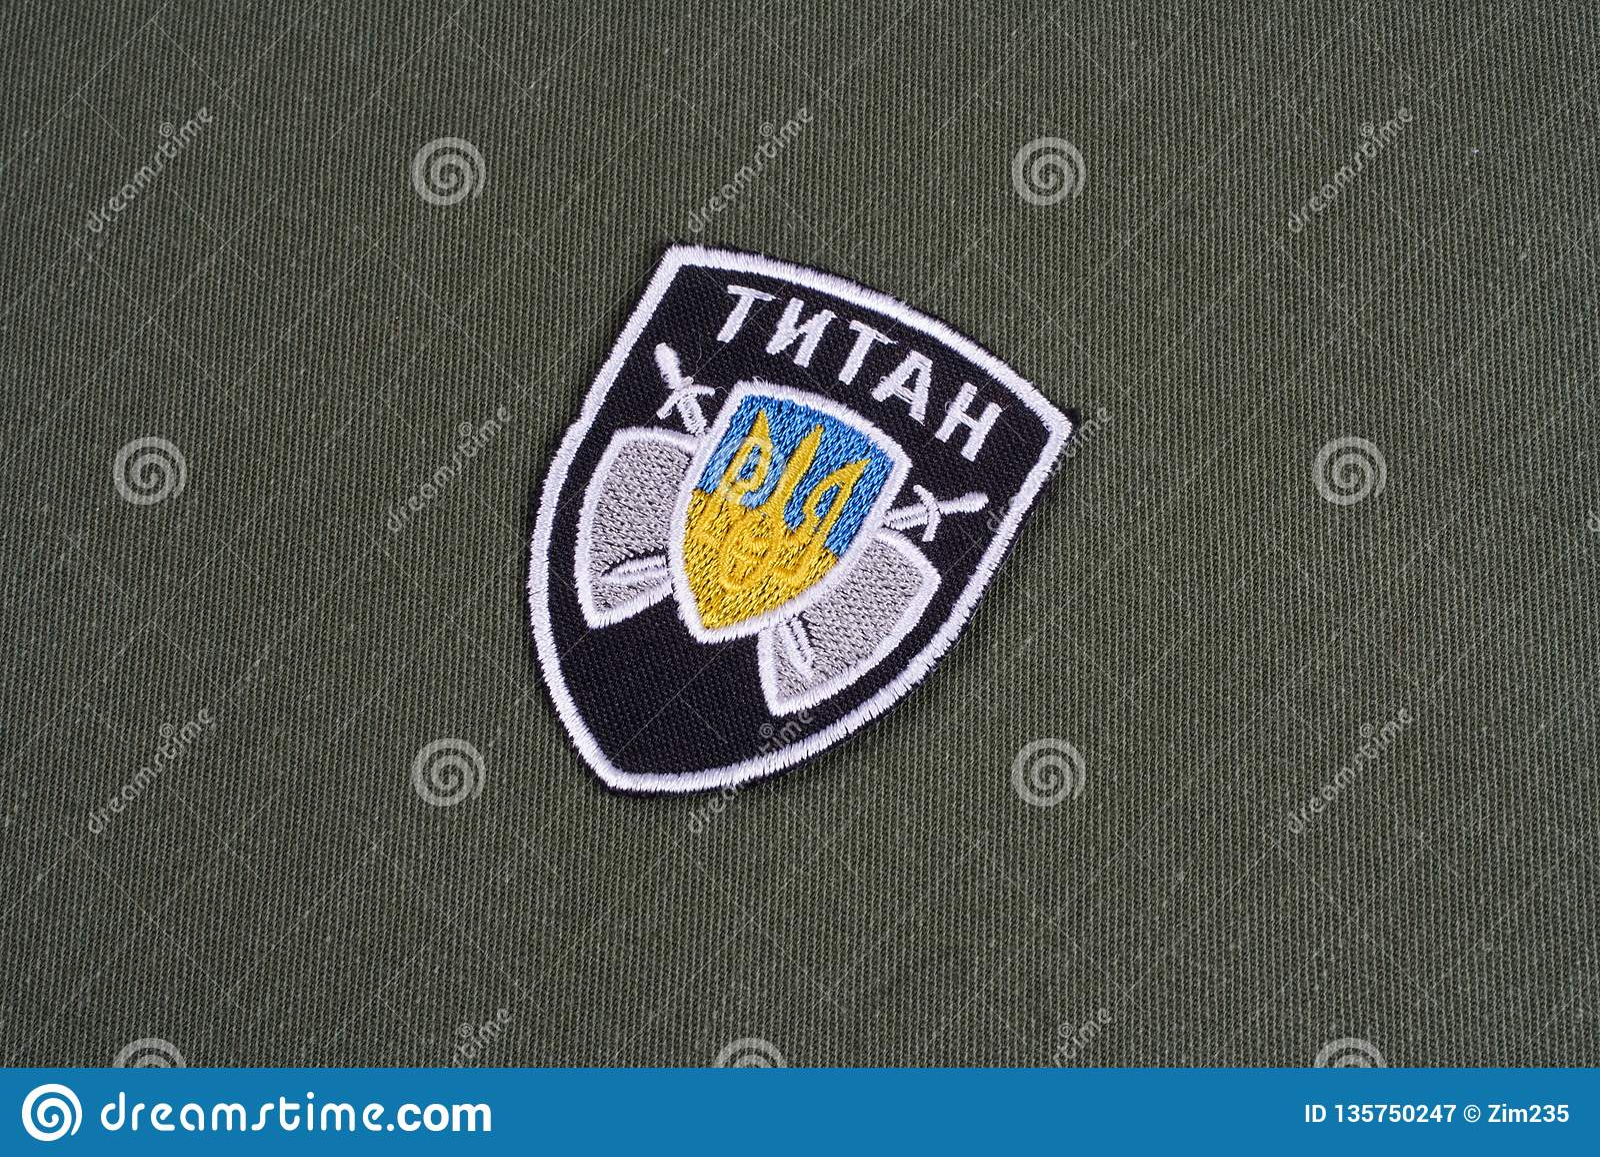 KYIV UKRAINA, Lipiec, -, 16, 2015 Ministerstwo tytan jednostki munduru odznaka na camouflaged mundurze sprawy wewnętrzne - (Ukrai